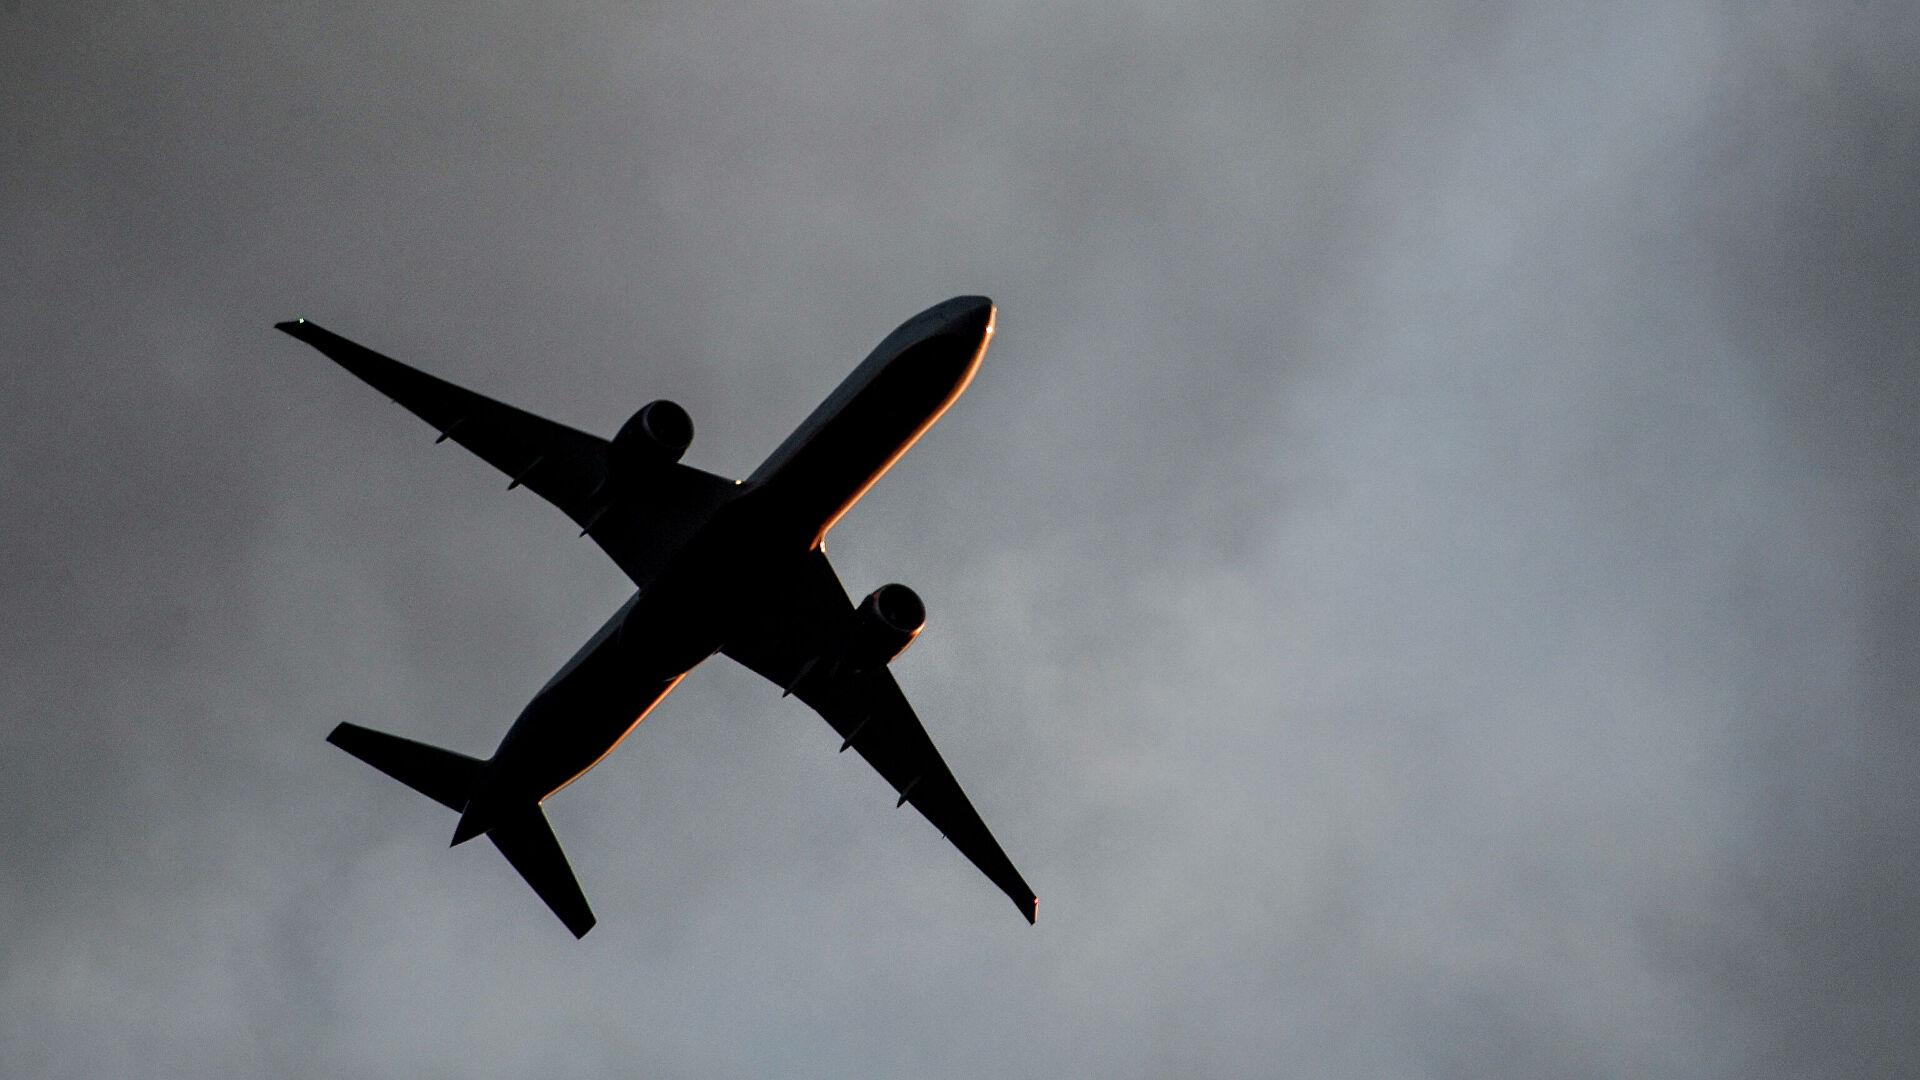 Бельгия планирует закрыть воздушное пространство для Белоруссии